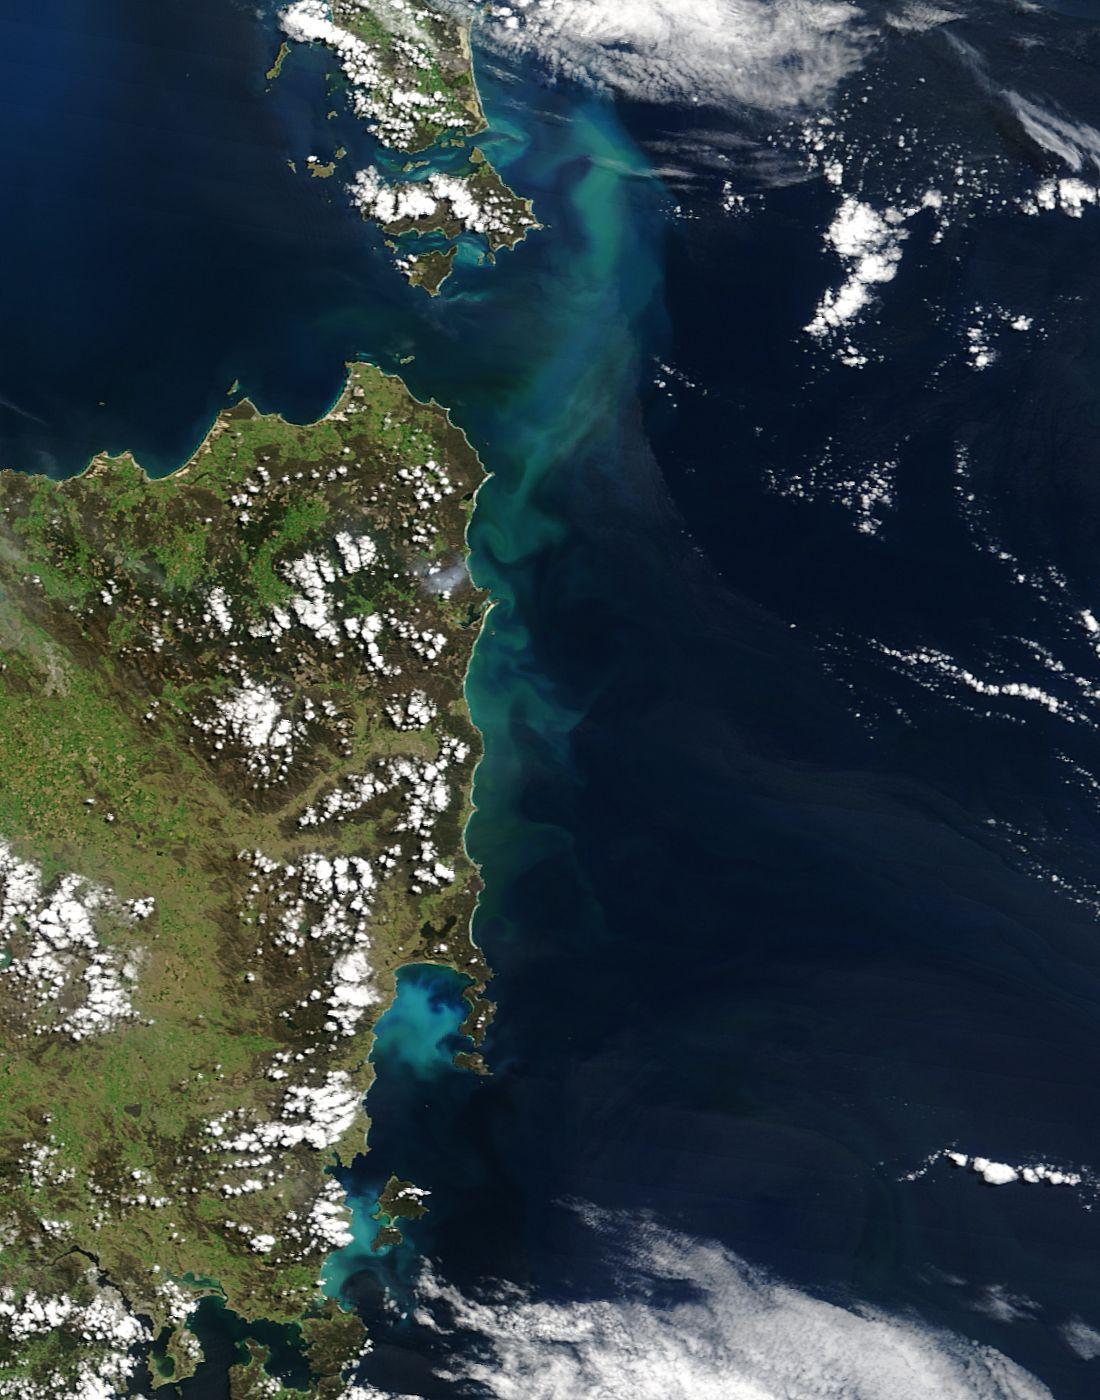 Floración algal cerca de Tasmania